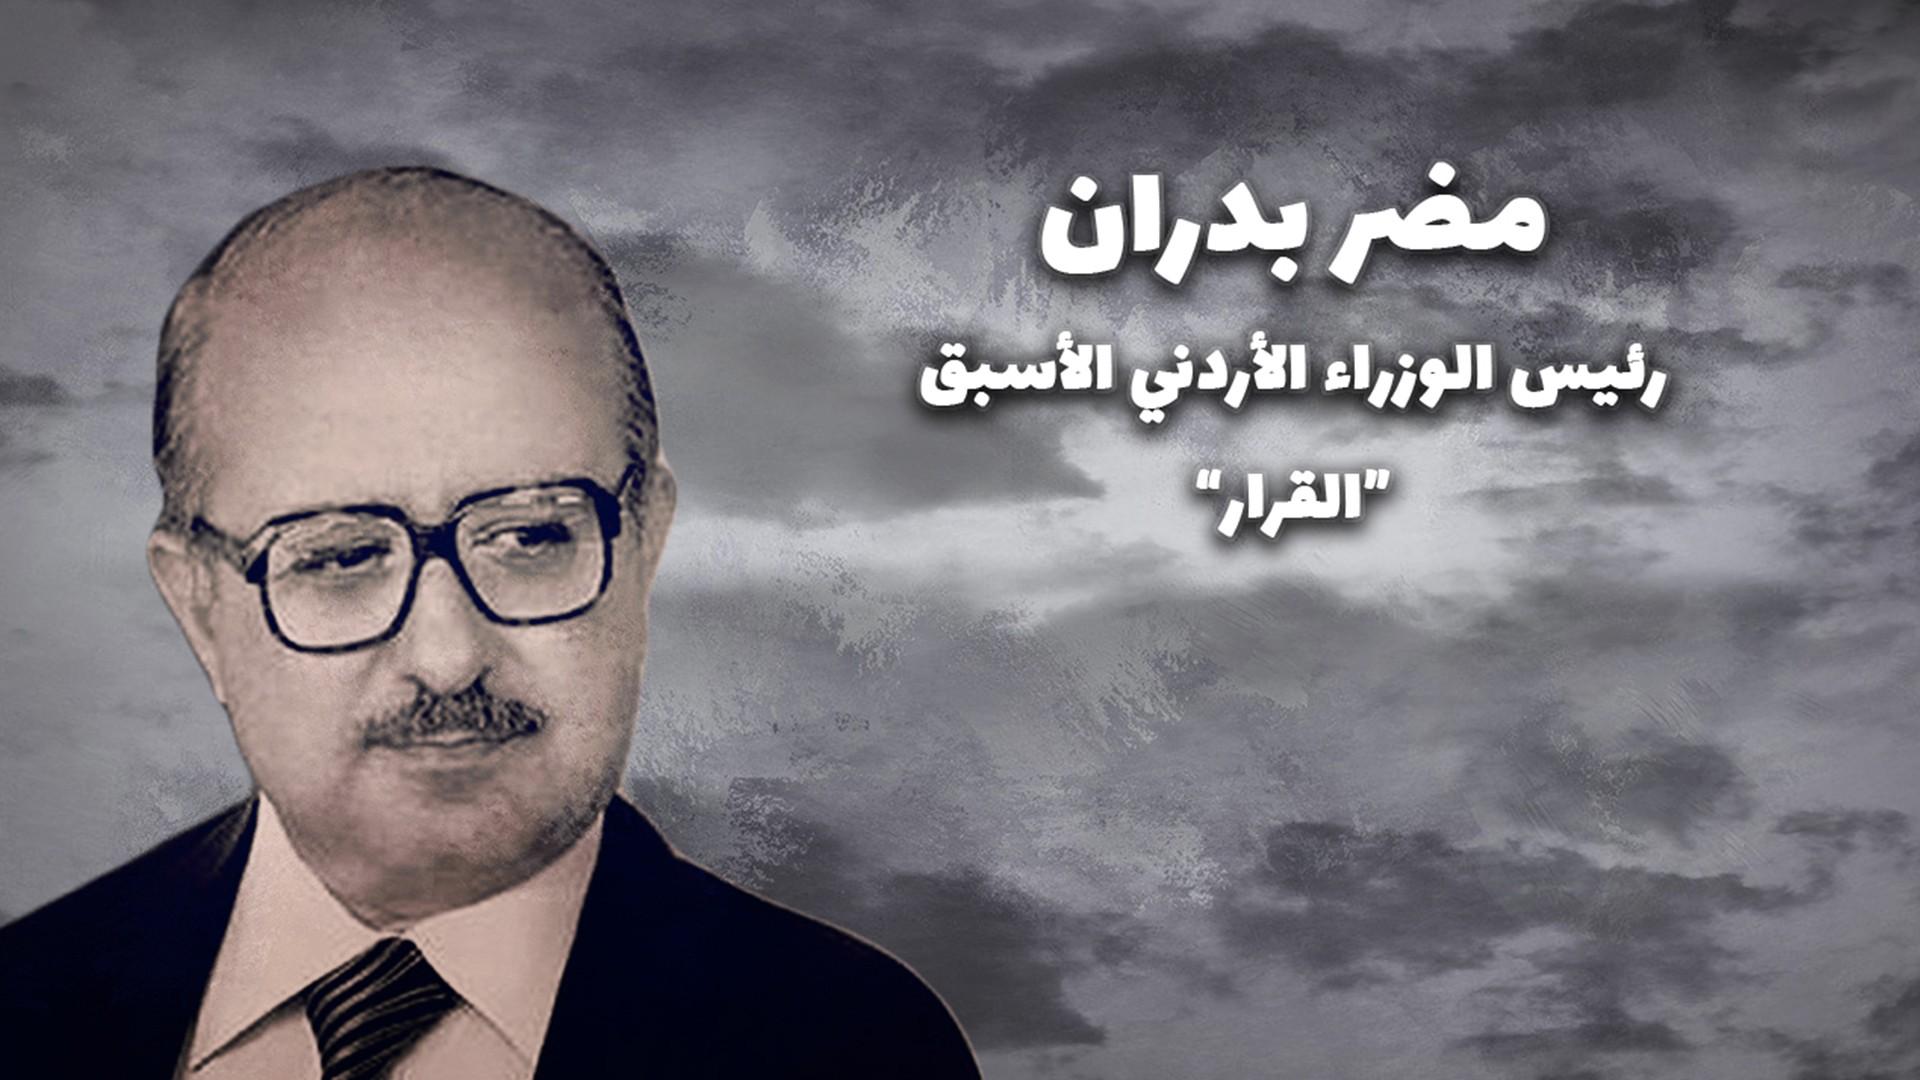 القرار-..-خفايا-أزمة-1989-في-الأردن-والتدخل-العسكري-ضد-العراق--مذكرات-رئيس-الوزراء-مضر-بدران